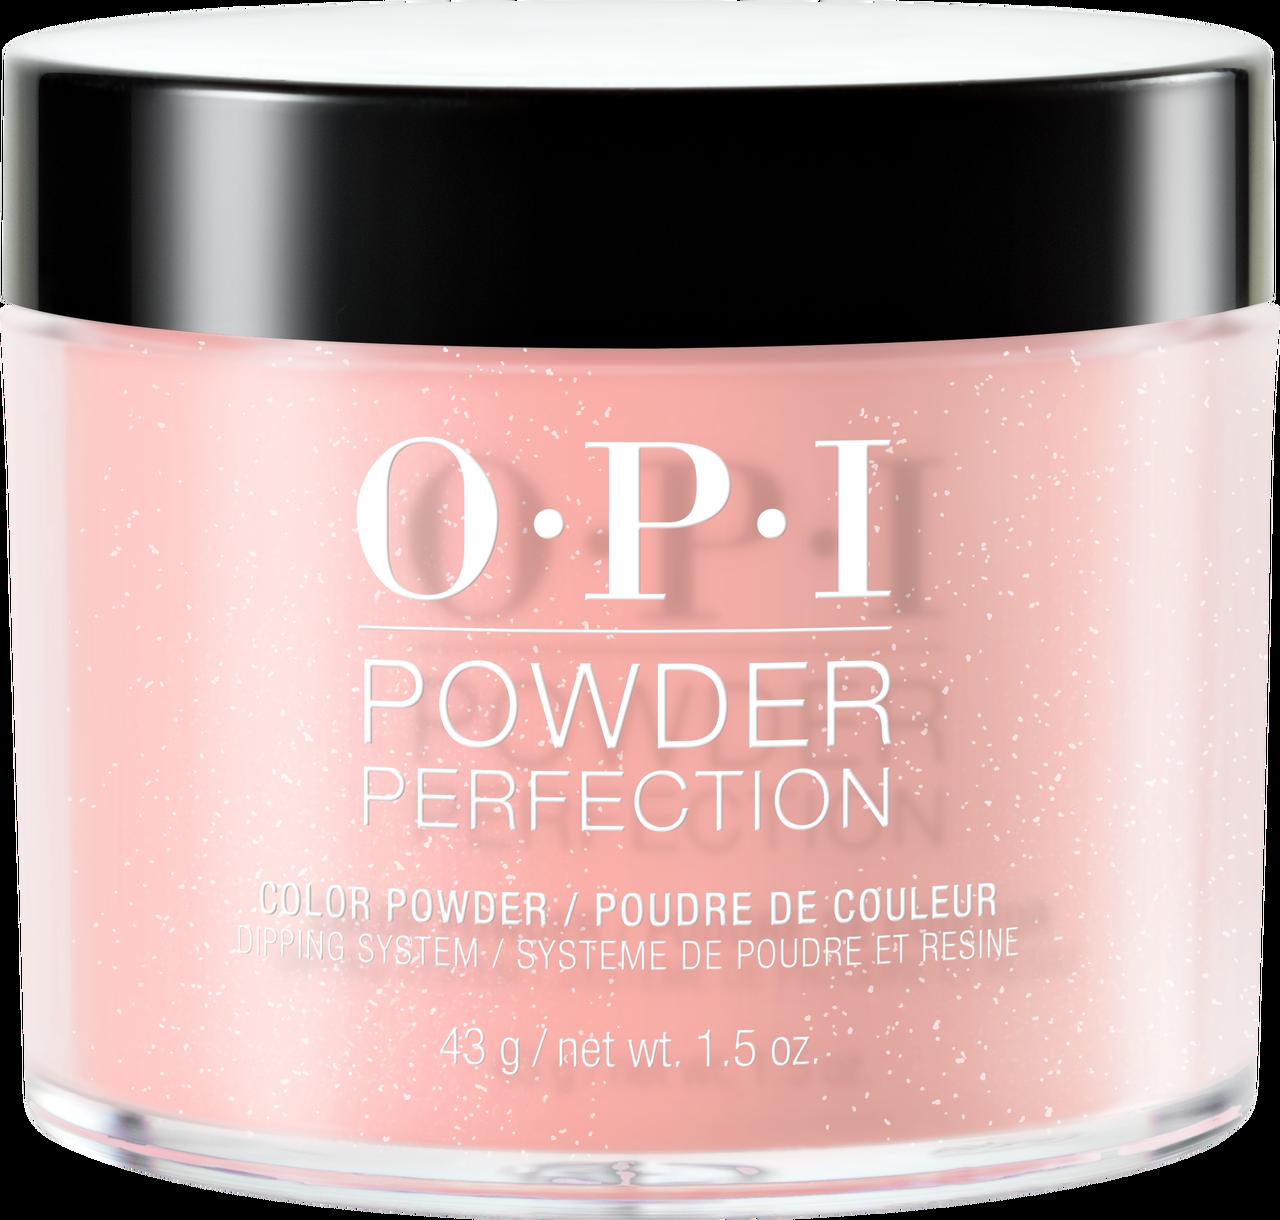 Acrylic Powders & Liquids Opi Color Dip Powder Dpn52 Humidi-tea 1.5oz Health & Beauty 43g Discounts Price